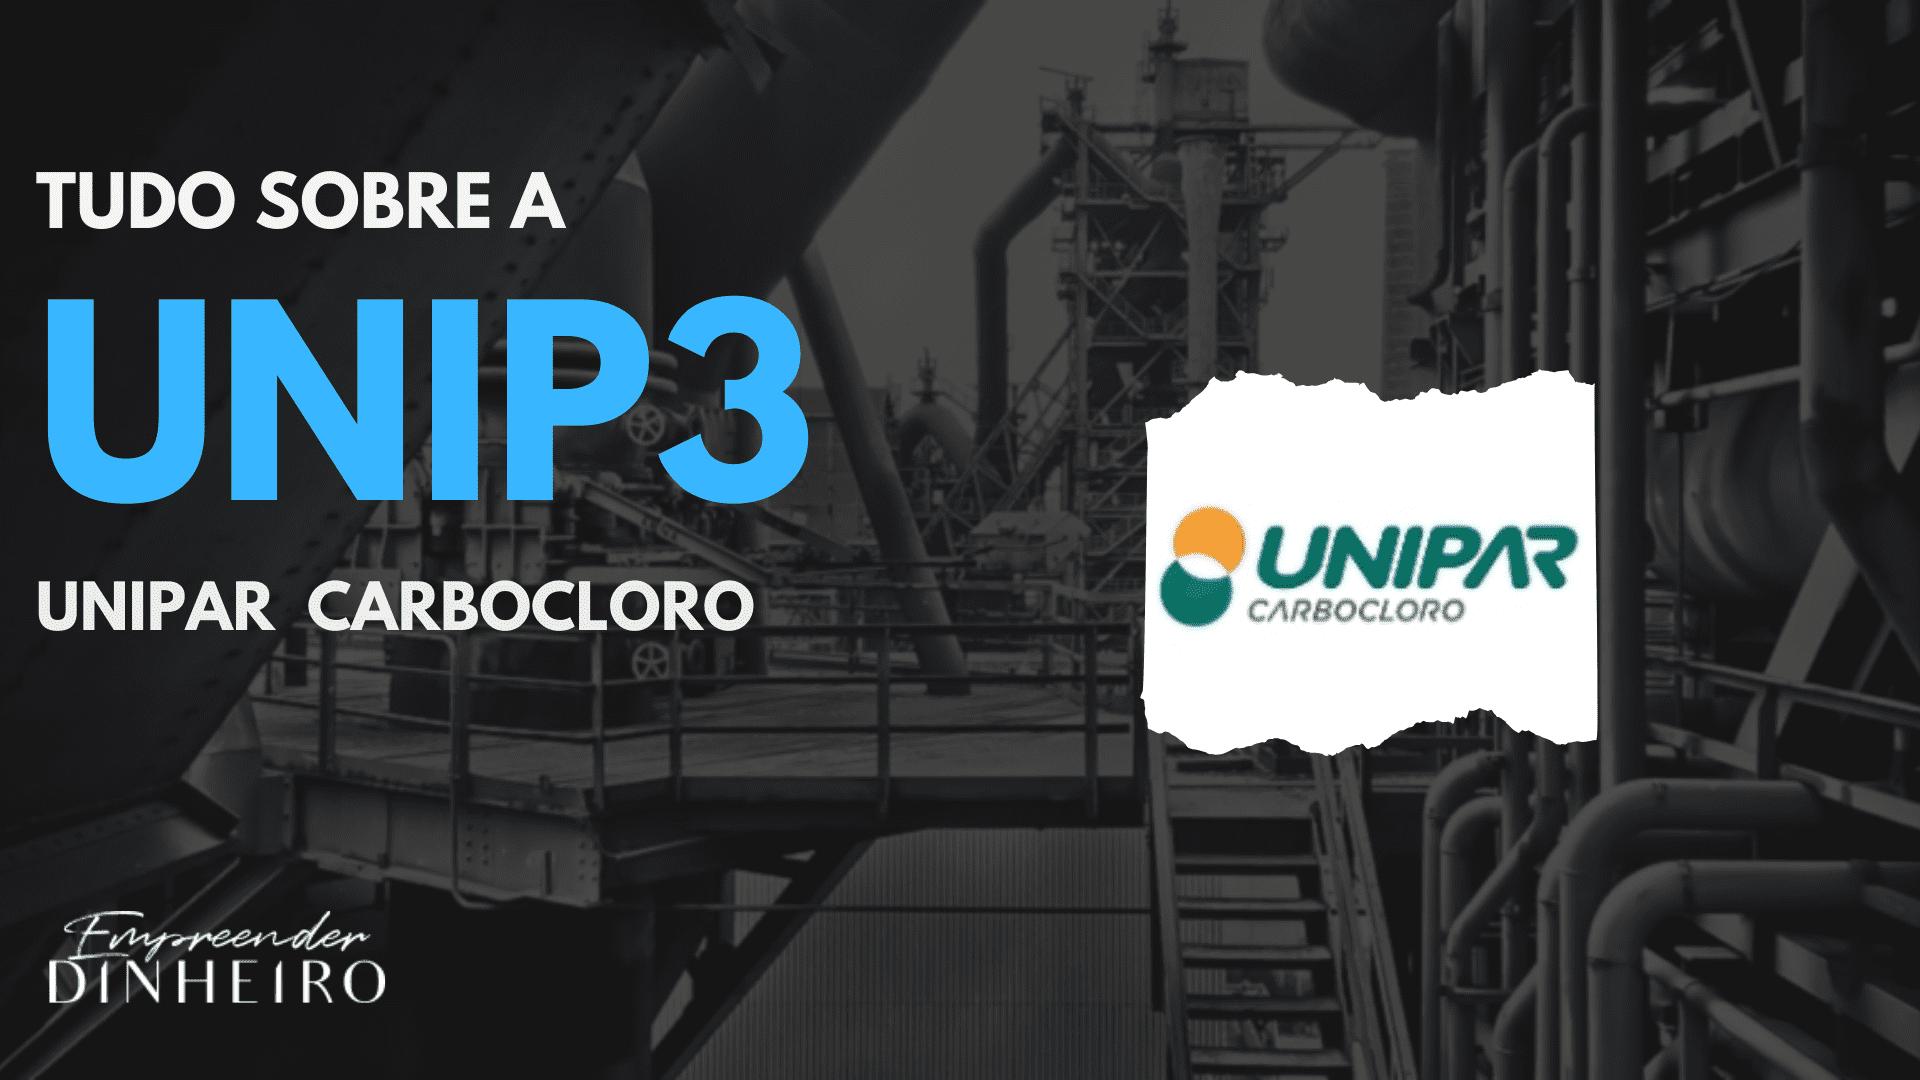 Unip3 unipar carbocloro ações 1